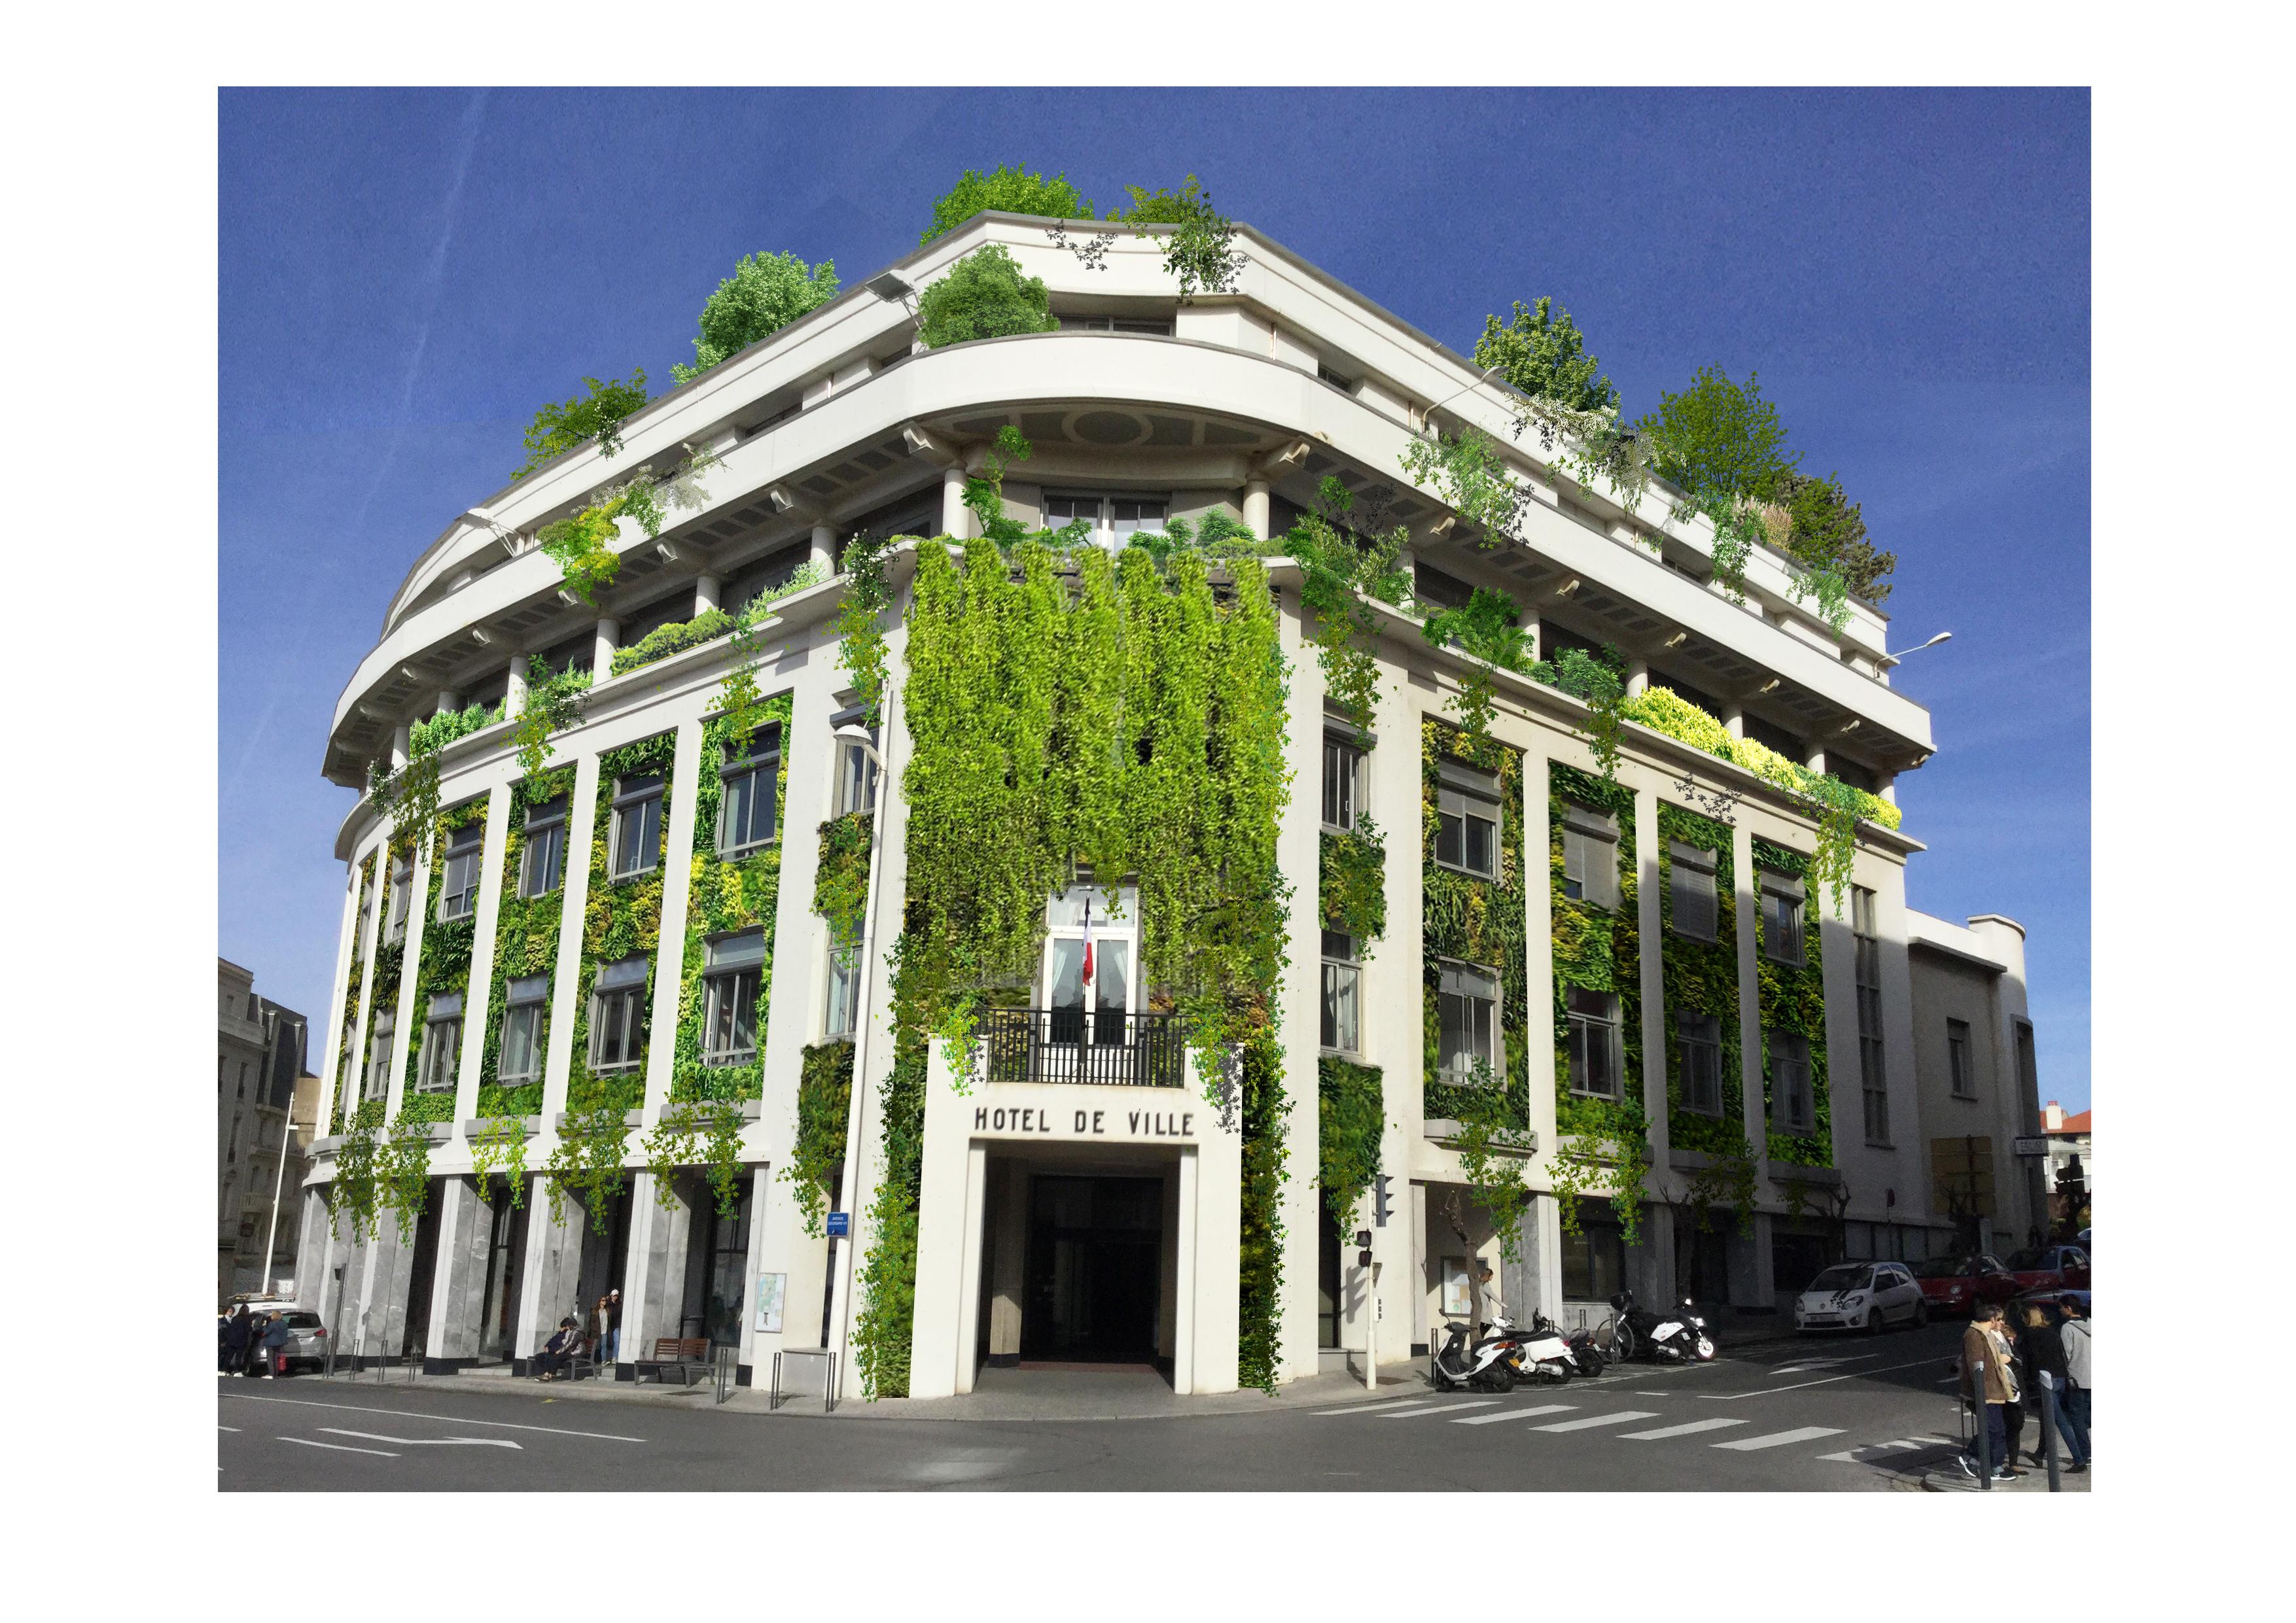 Init environnement b timents cologiques biodiversit for Architecture des batiments